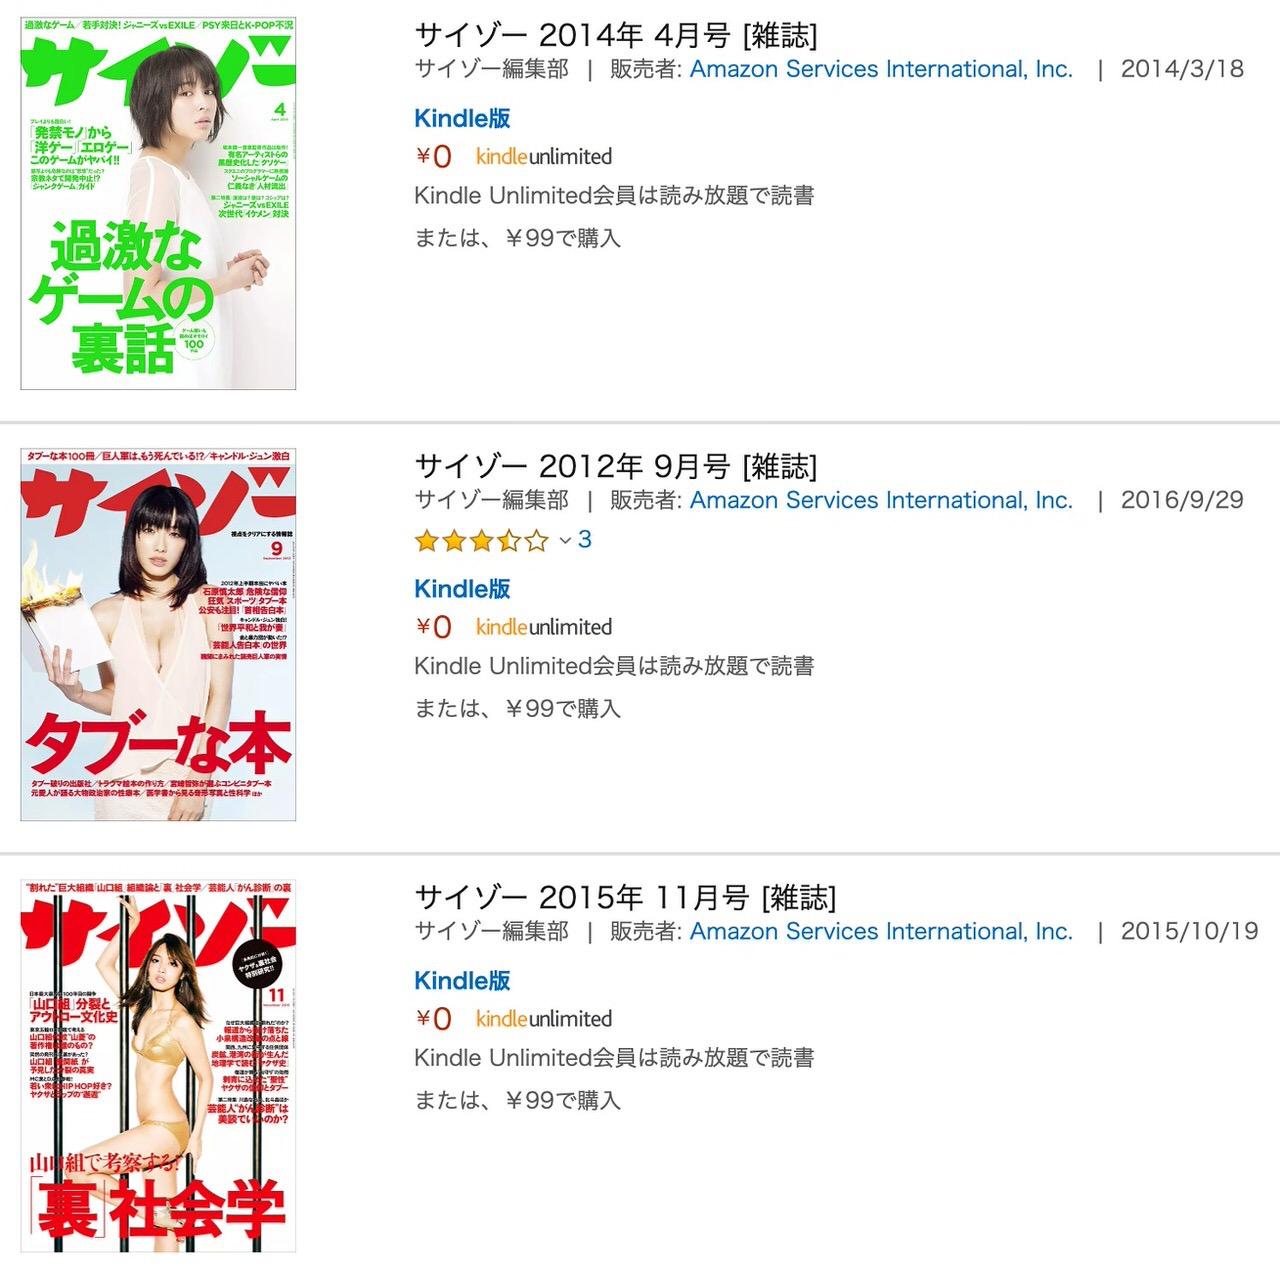 【Kindleセール】サイゾー創刊20周年記念!1冊99円のバックナンバーフェア(5/30まで)